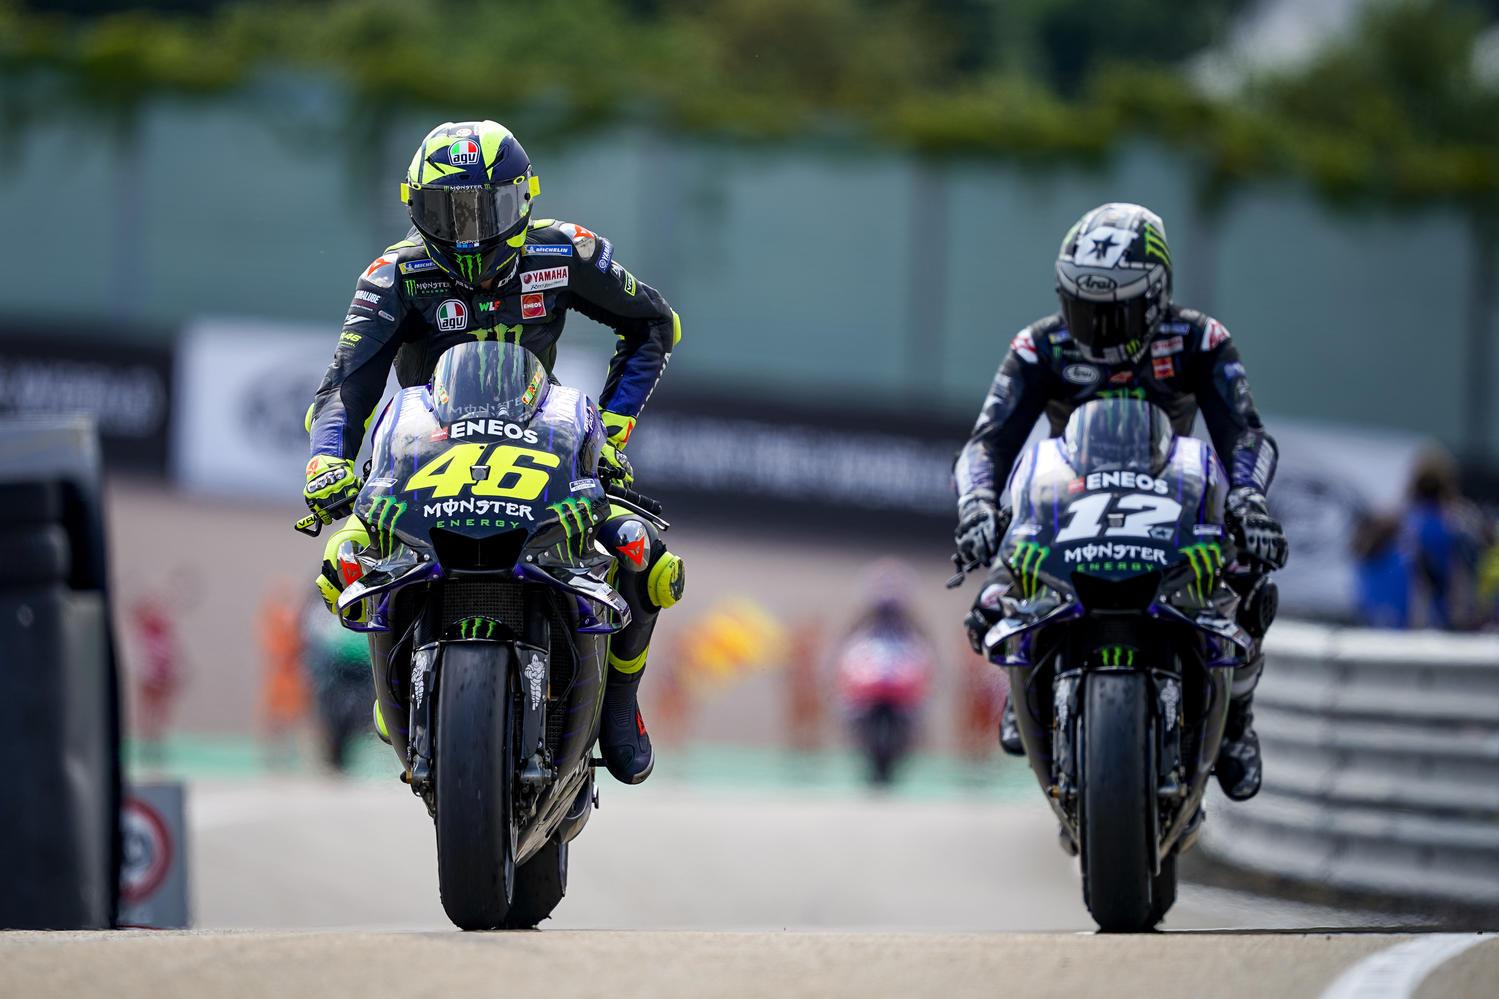 Calendario Valentino Rossi 2020.Motogp Rossi E Vinales Proveranno La Yamaha 2020 Nei Test